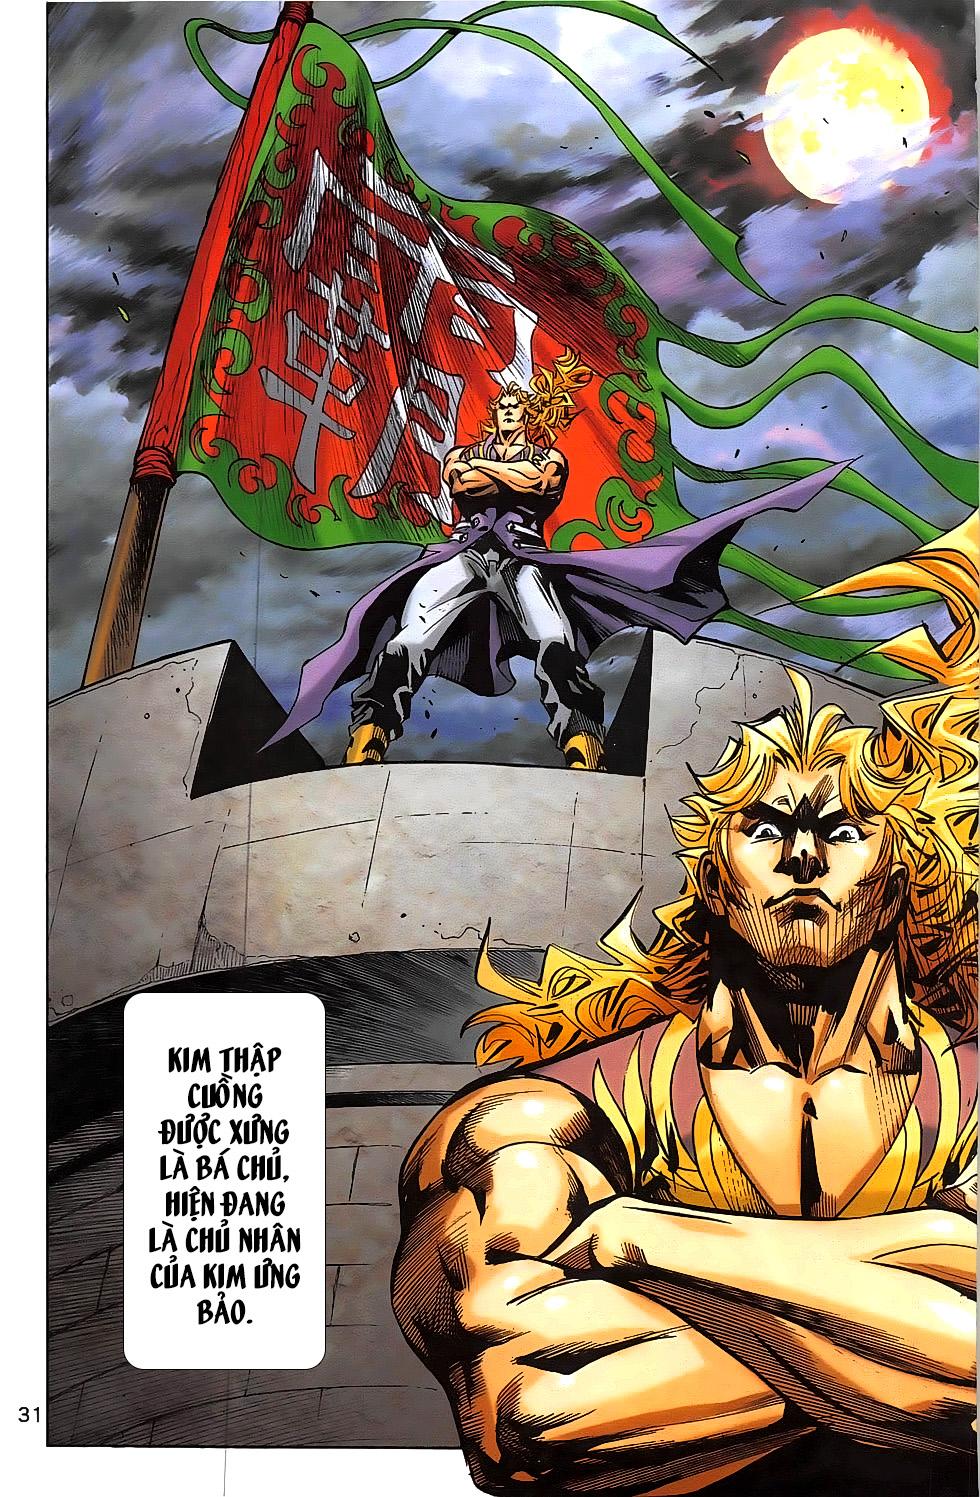 Hoàng Giả Chi Lộ chap 12.2 Trang 3 - Mangak.info